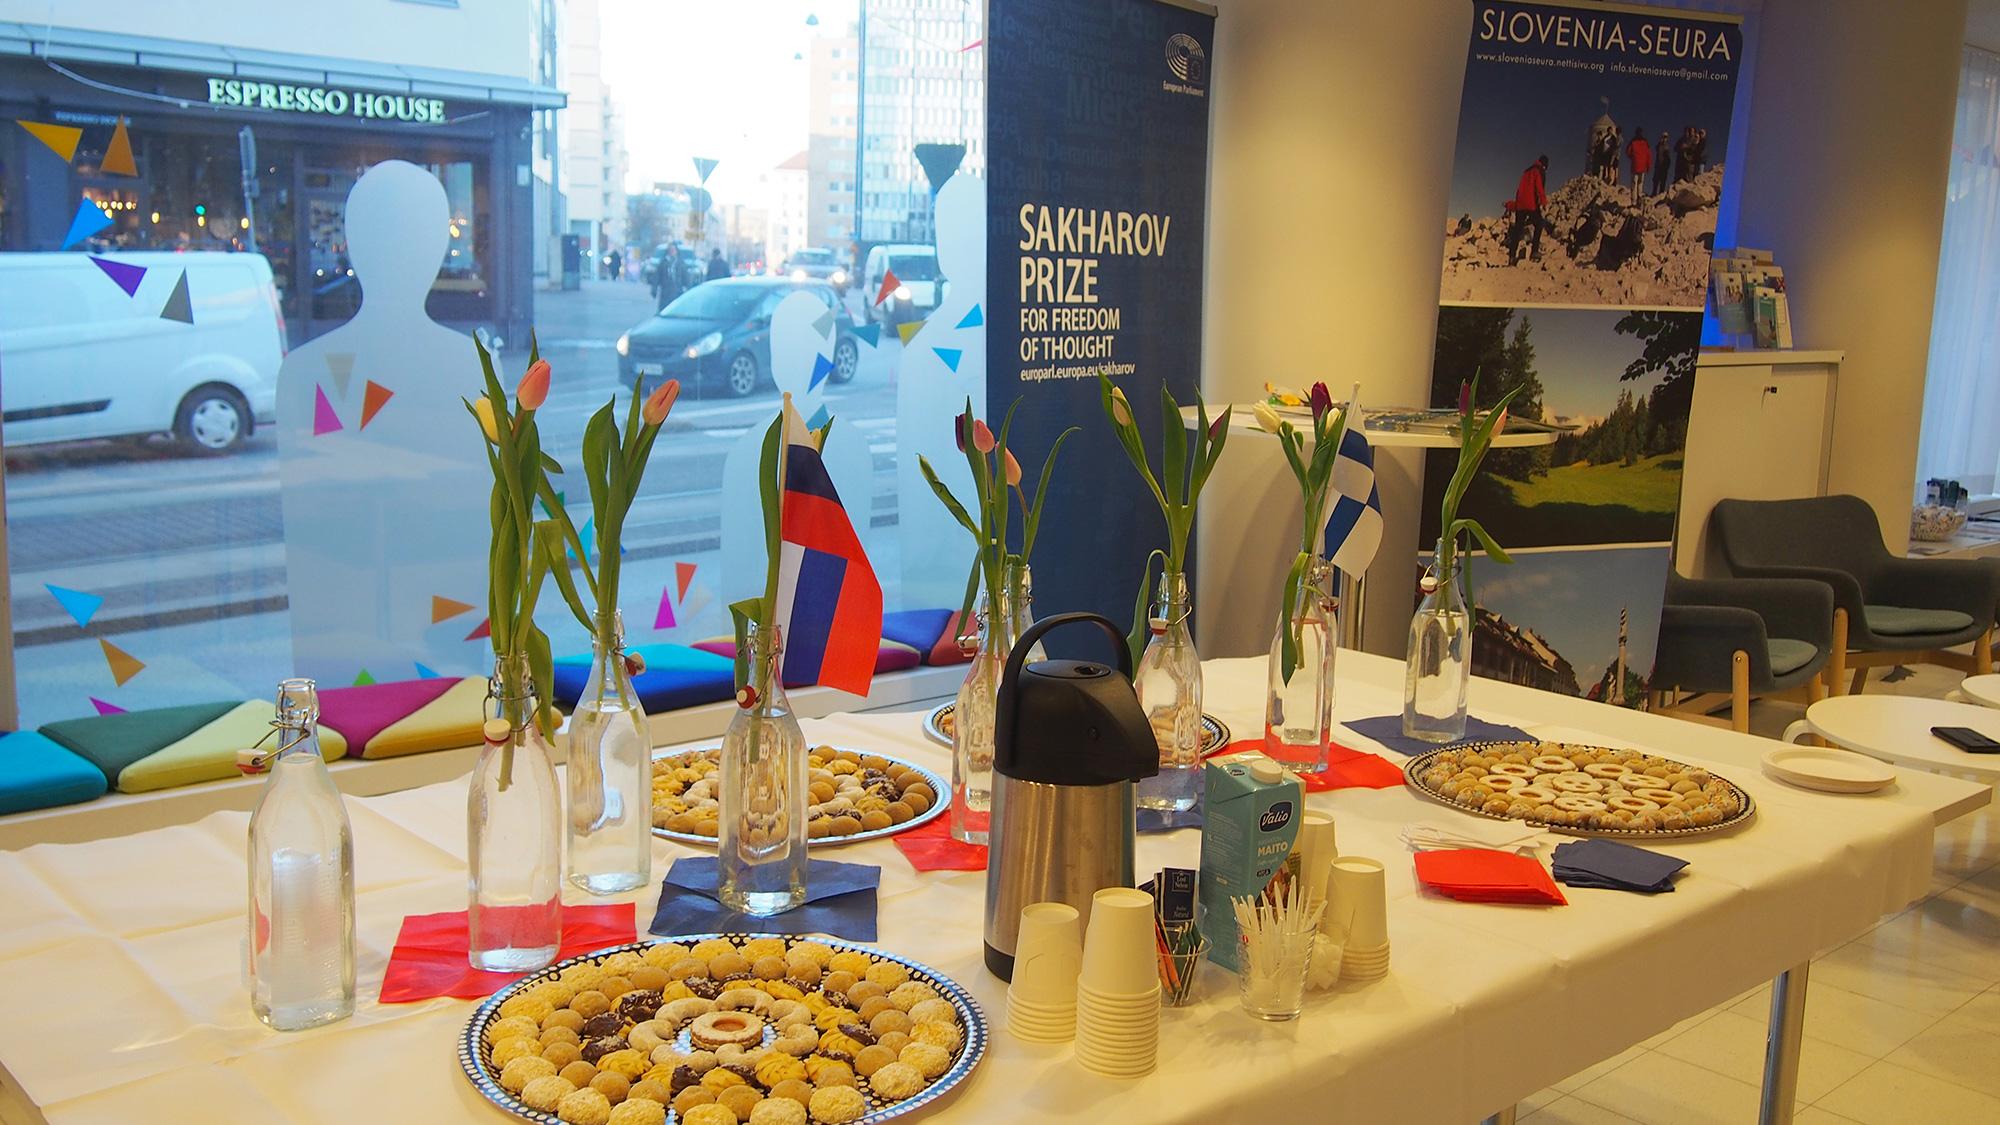 Pogostitev. Miza z dobrotami, svetjem in slovensko zastavo.